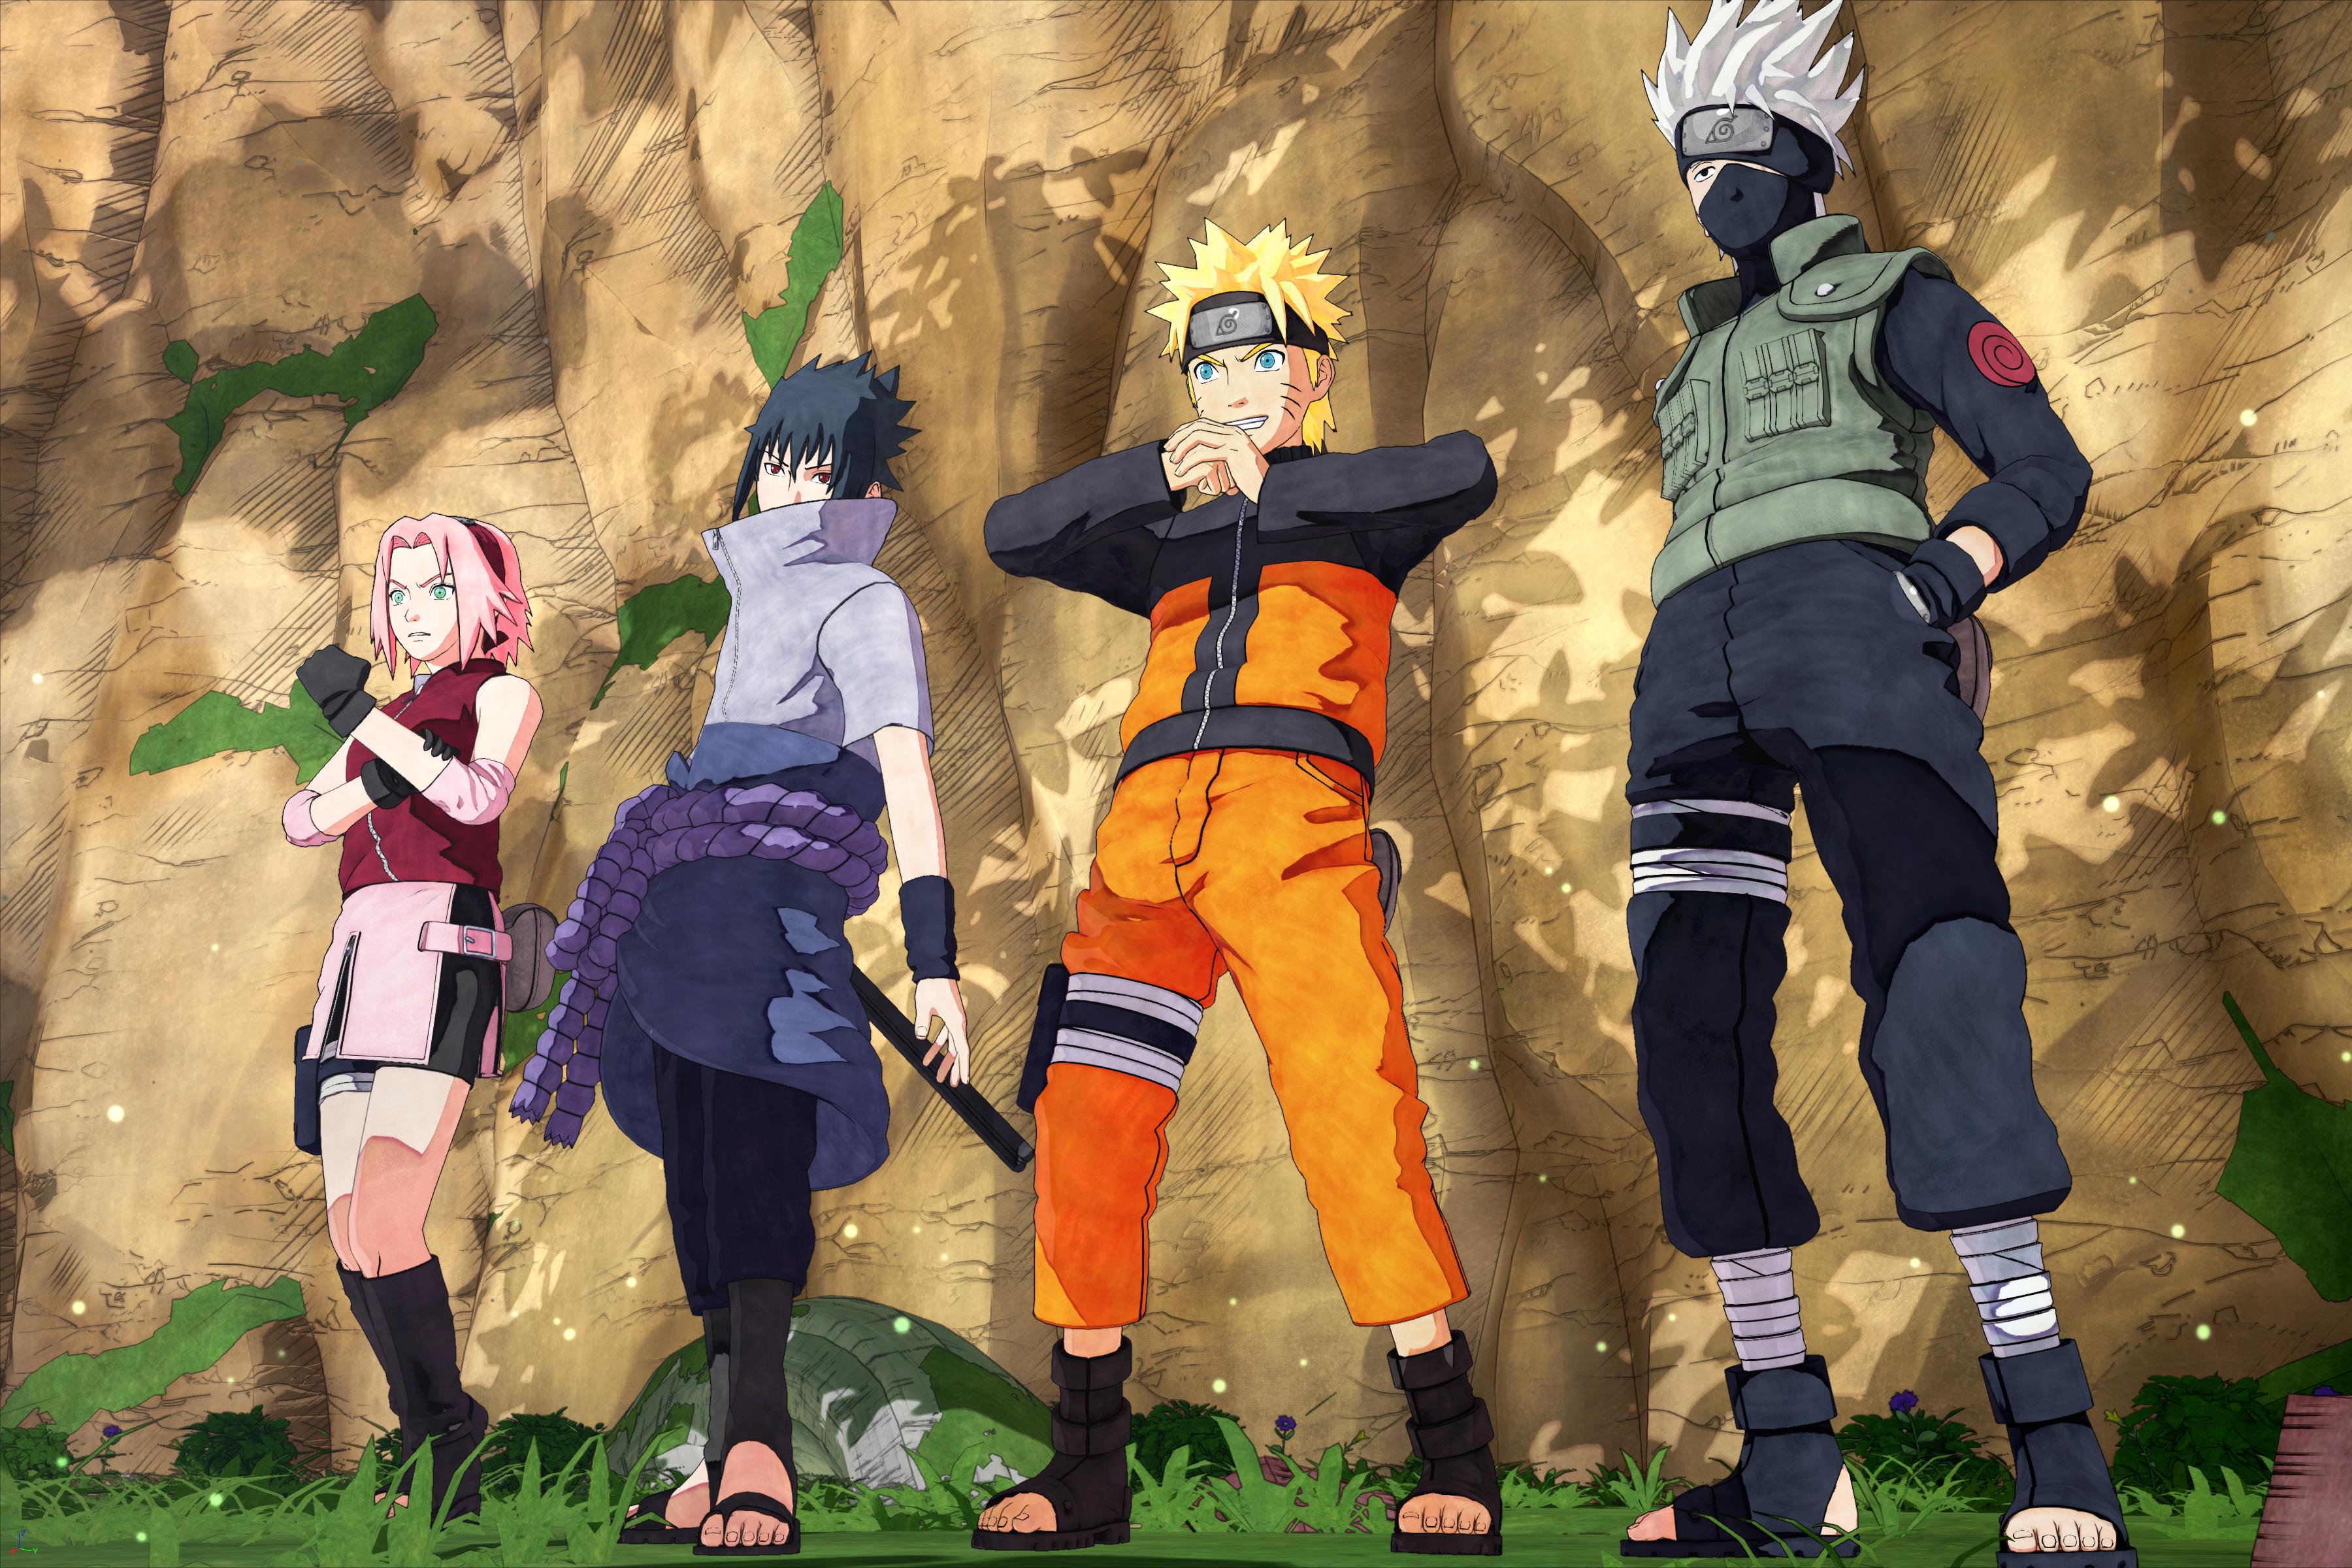 Naruto, NARUTO TO BORUTO: SHINOBI STRIKER, Bandai namco, Tan Grande y Jugando, Bandai, Namco, PlayStation 4, Xbox One, PC, Steam